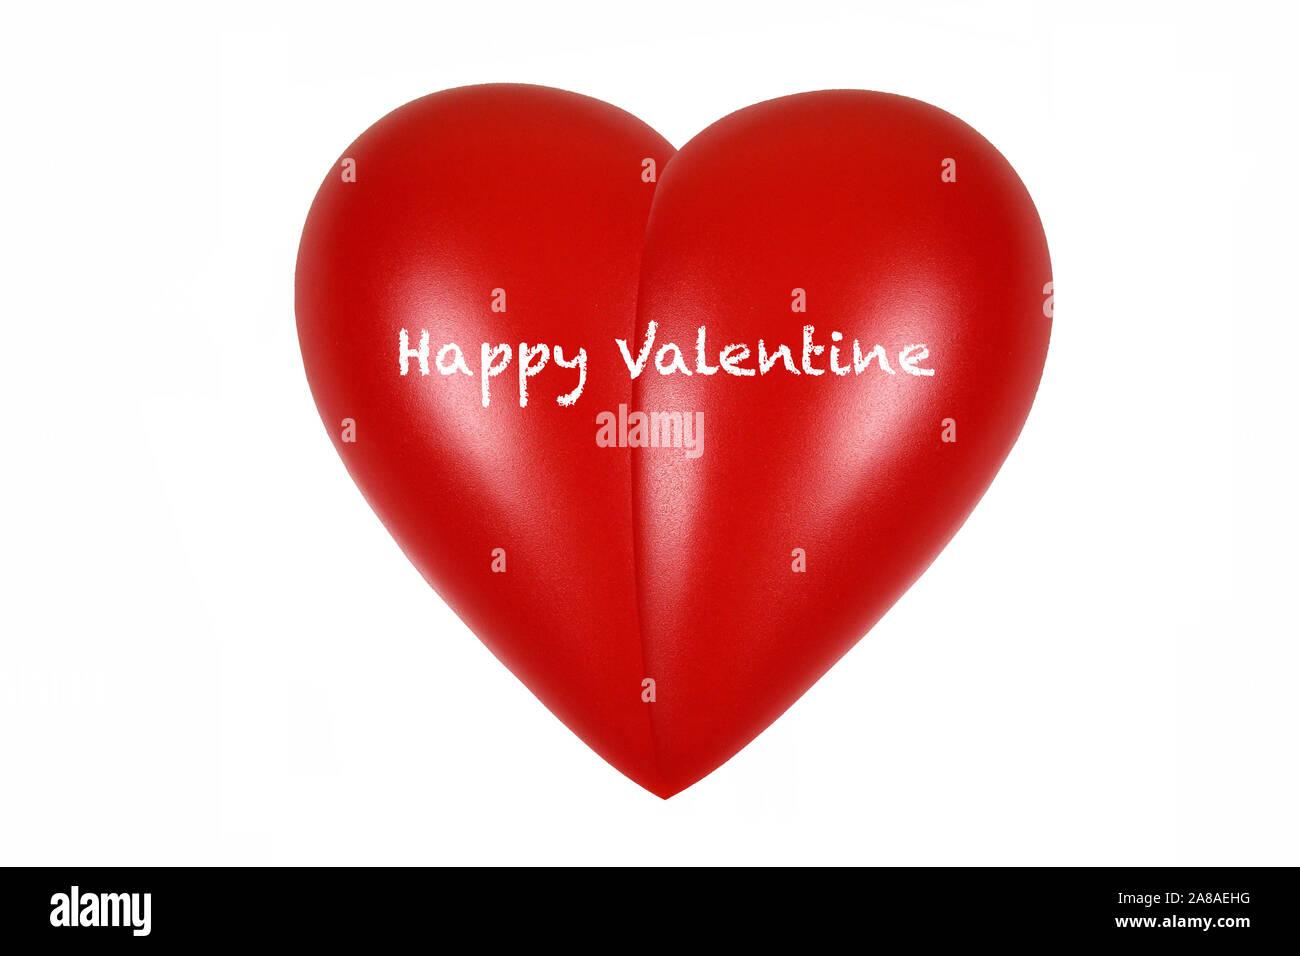 Rotes Herz, orgue, Gesundheit, Körperteil, Happy Valentine Valentinstag, Banque D'Images